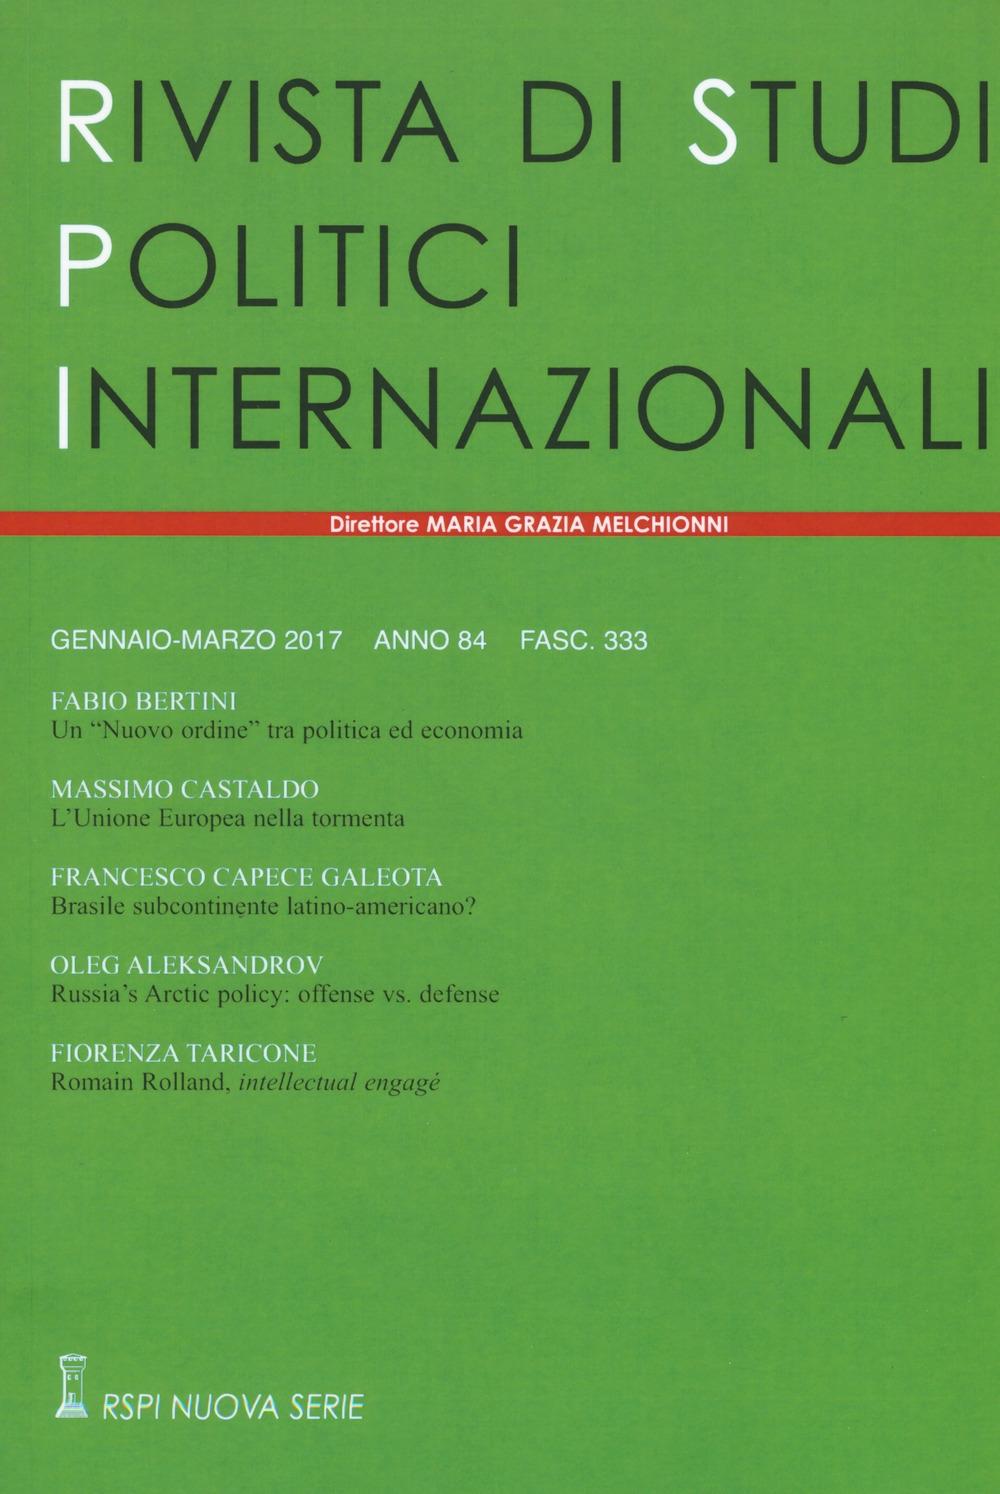 Rivista di studi politici internazionali (2017). Vol. 1